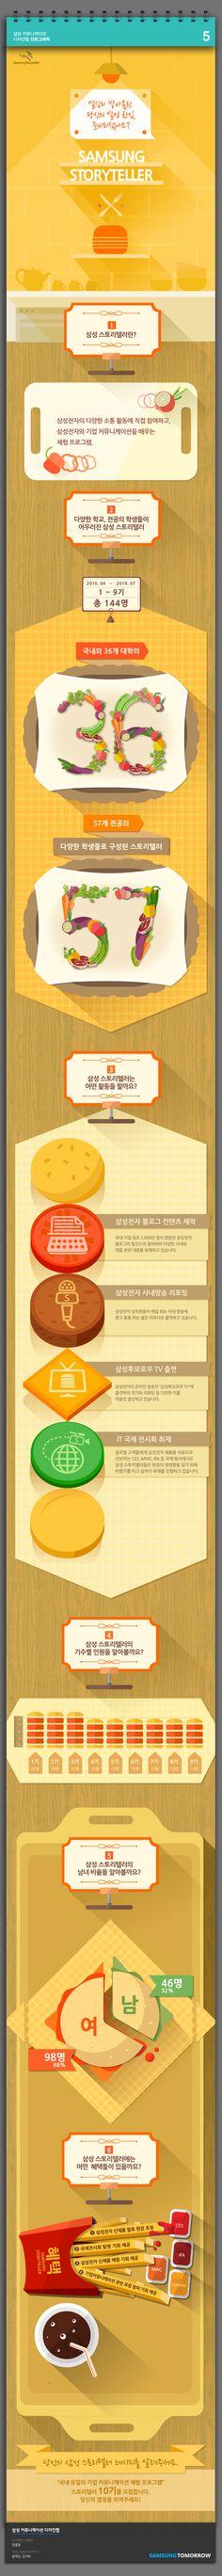 삼성 스토리텔러 소개 인포그래픽.